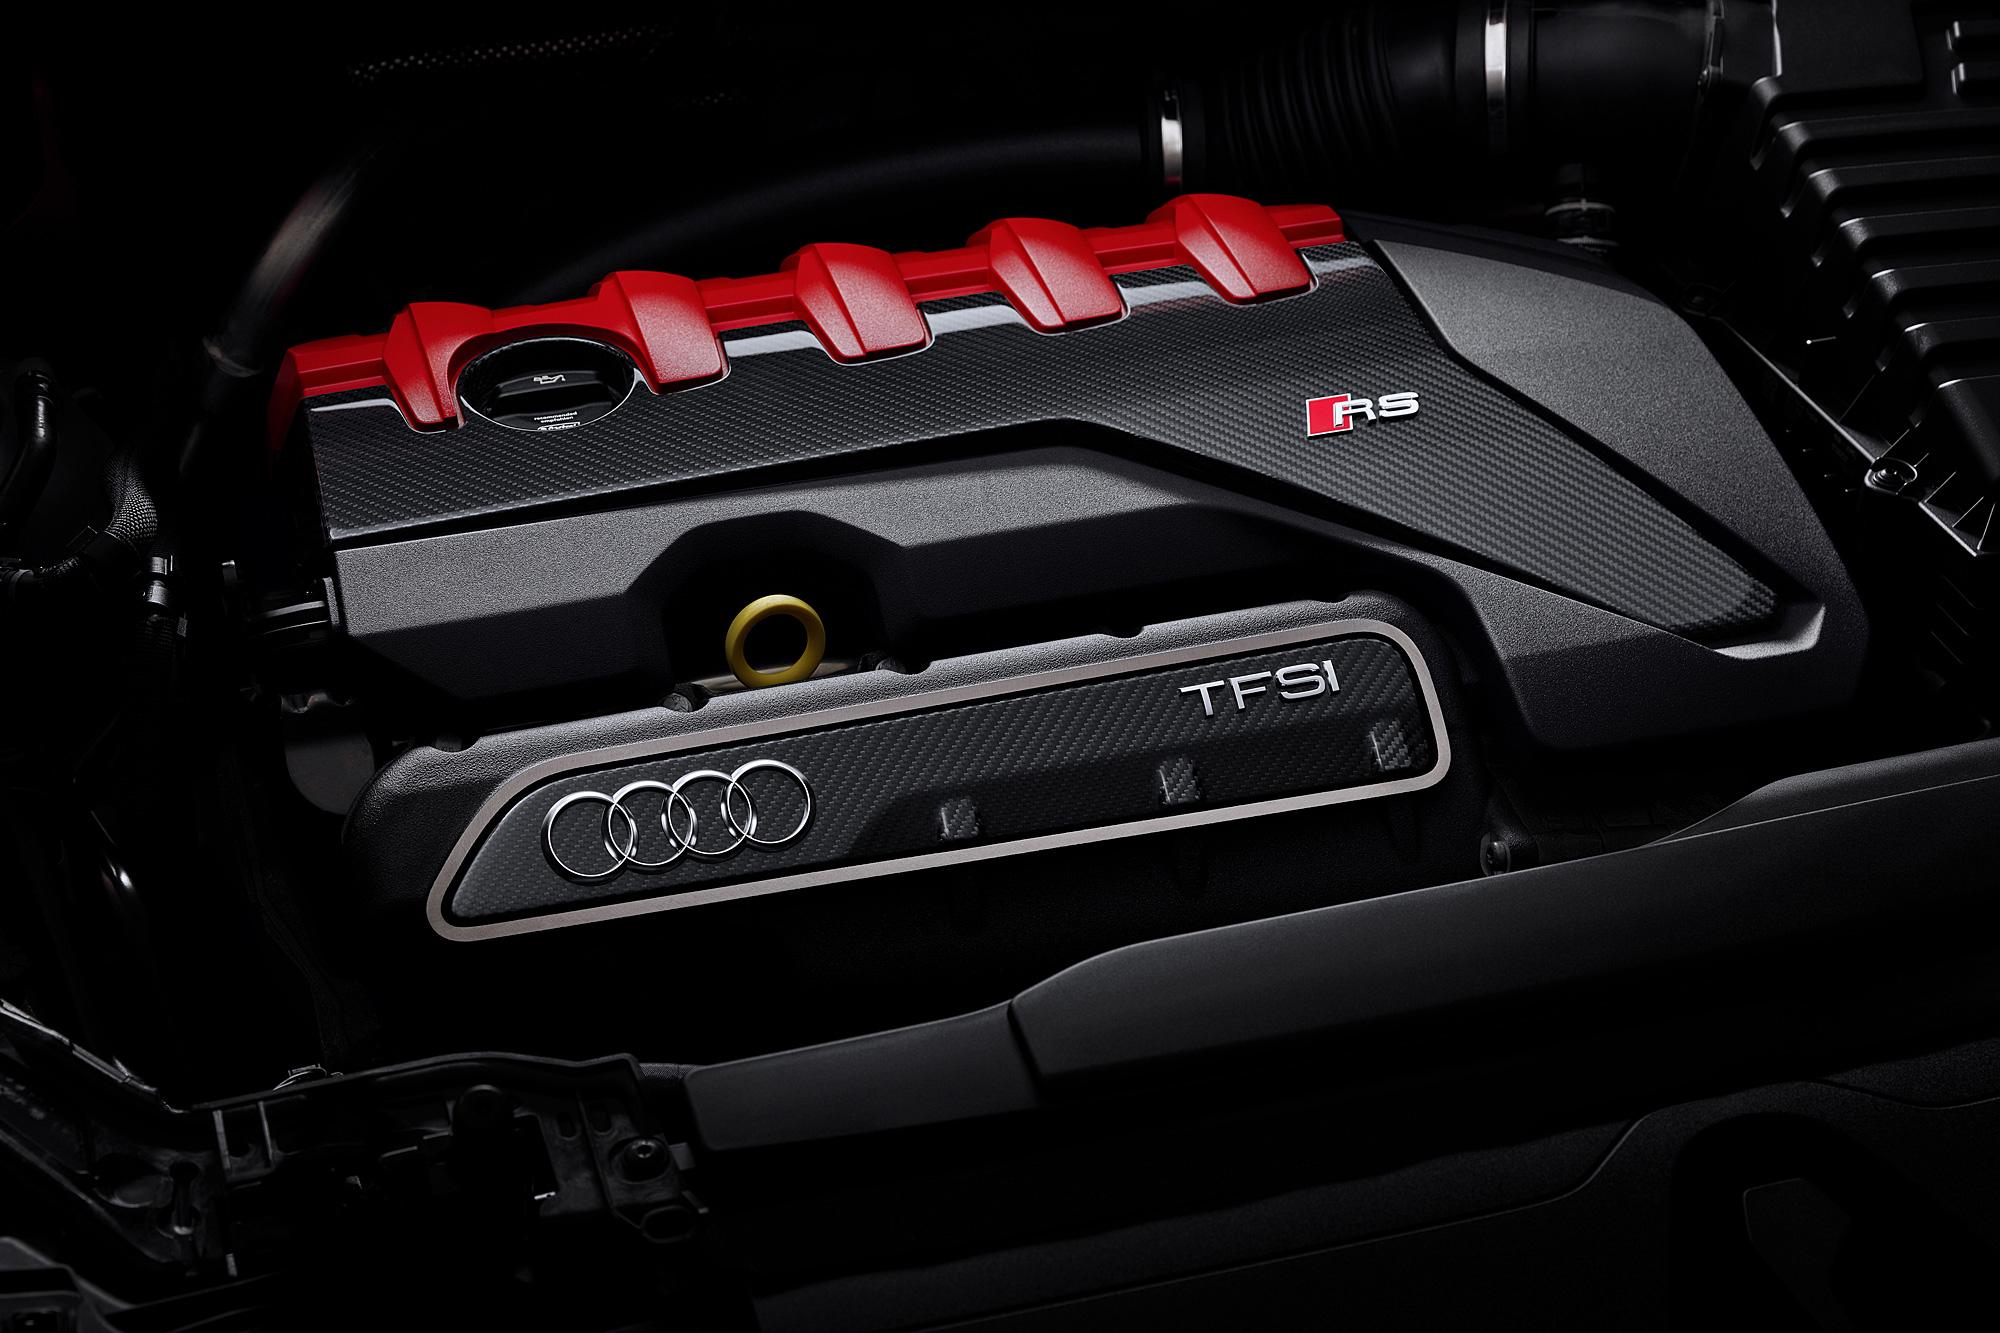 引擎室搭載的 2.5 升直列 5 缸 TFSI 渦輪增壓引擎具有 400 匹的最大馬力輸出